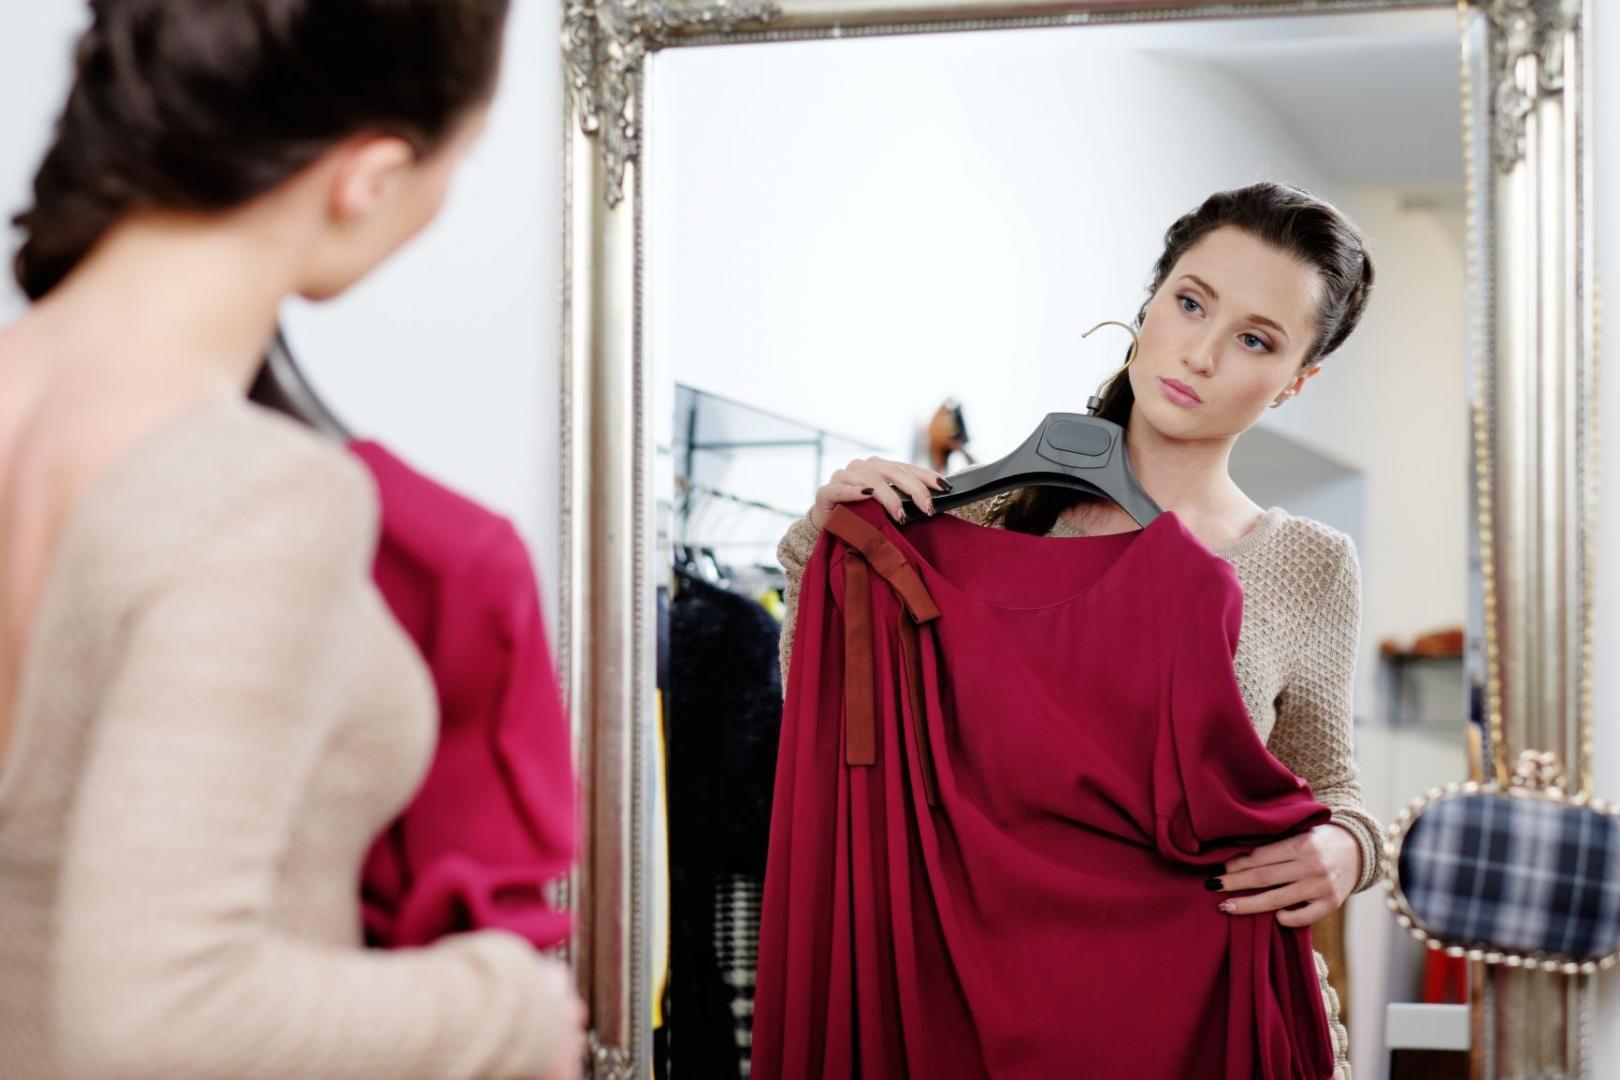 Junge Frau steht mit vorgehaltenem roten Kleid vor dem Spiegel